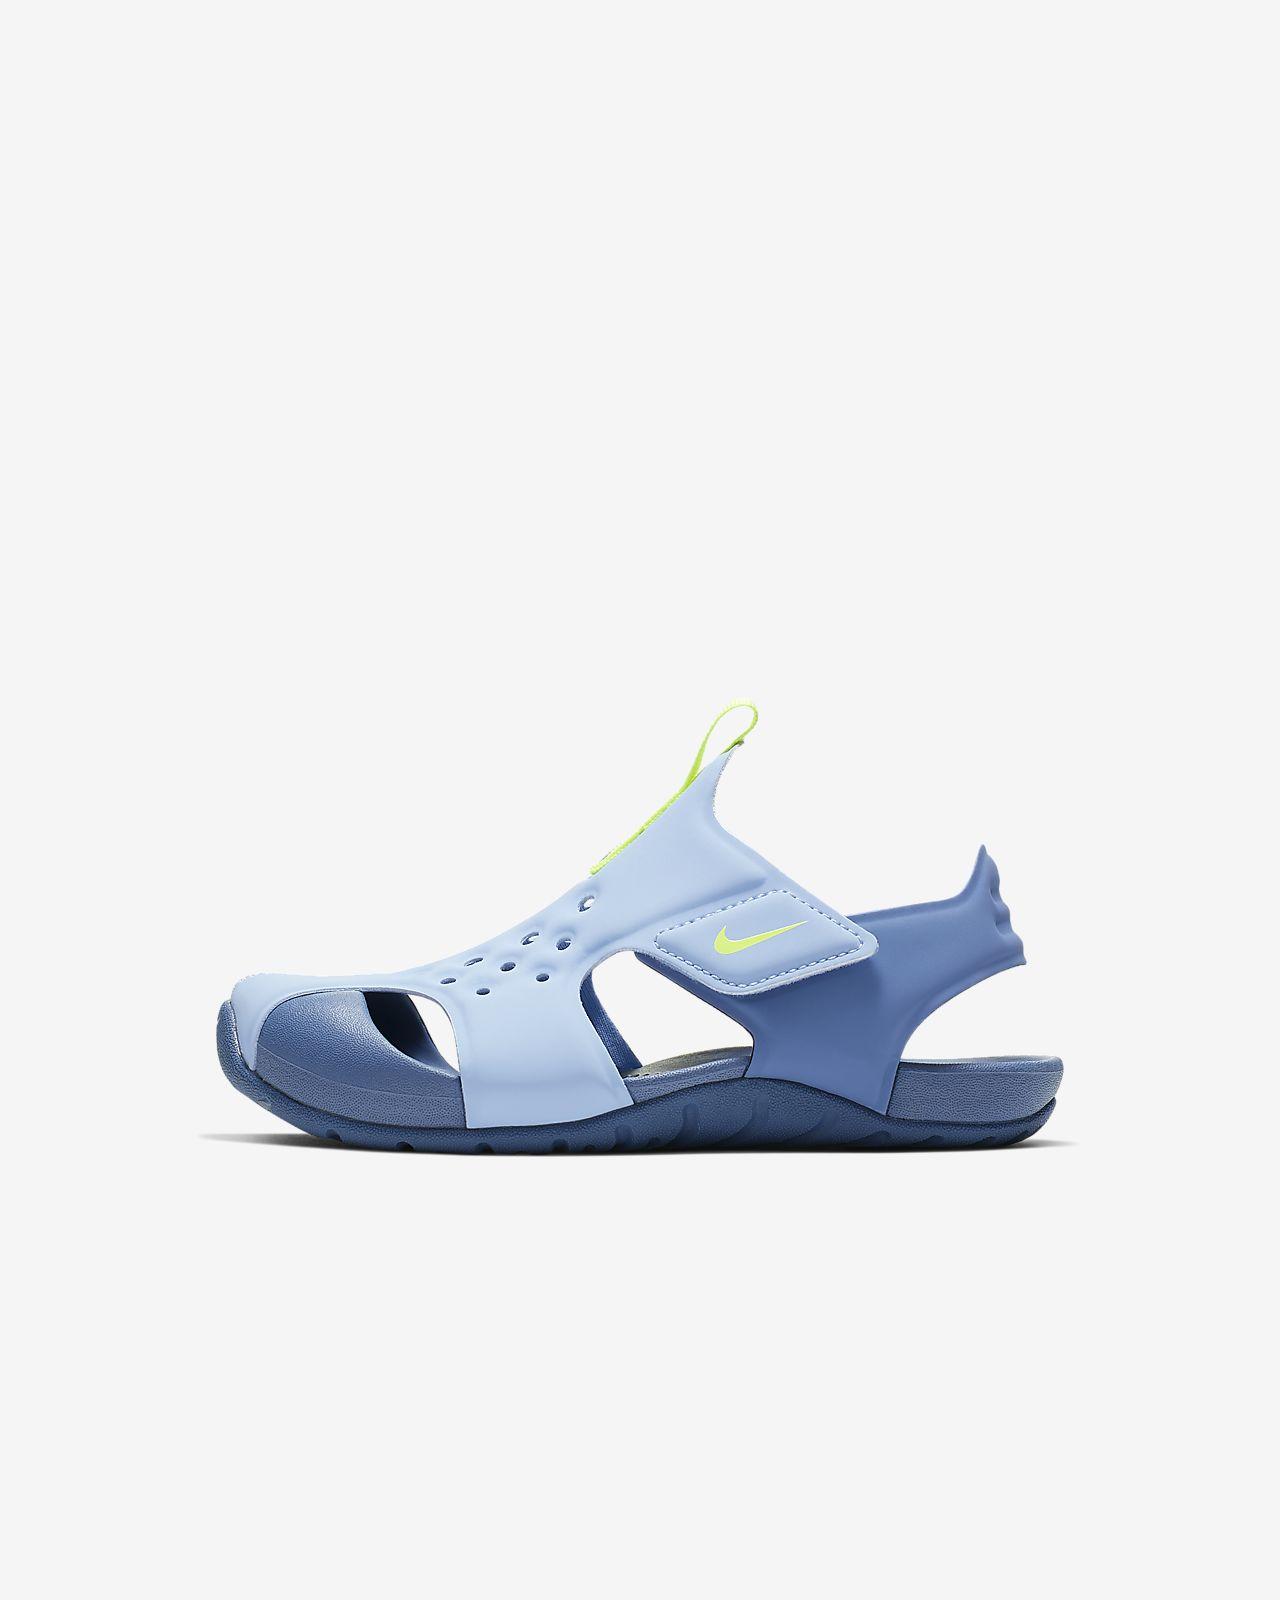 a3749948027 Sandálias Nike Sunray Protect 2 para criança. Nike.com PT